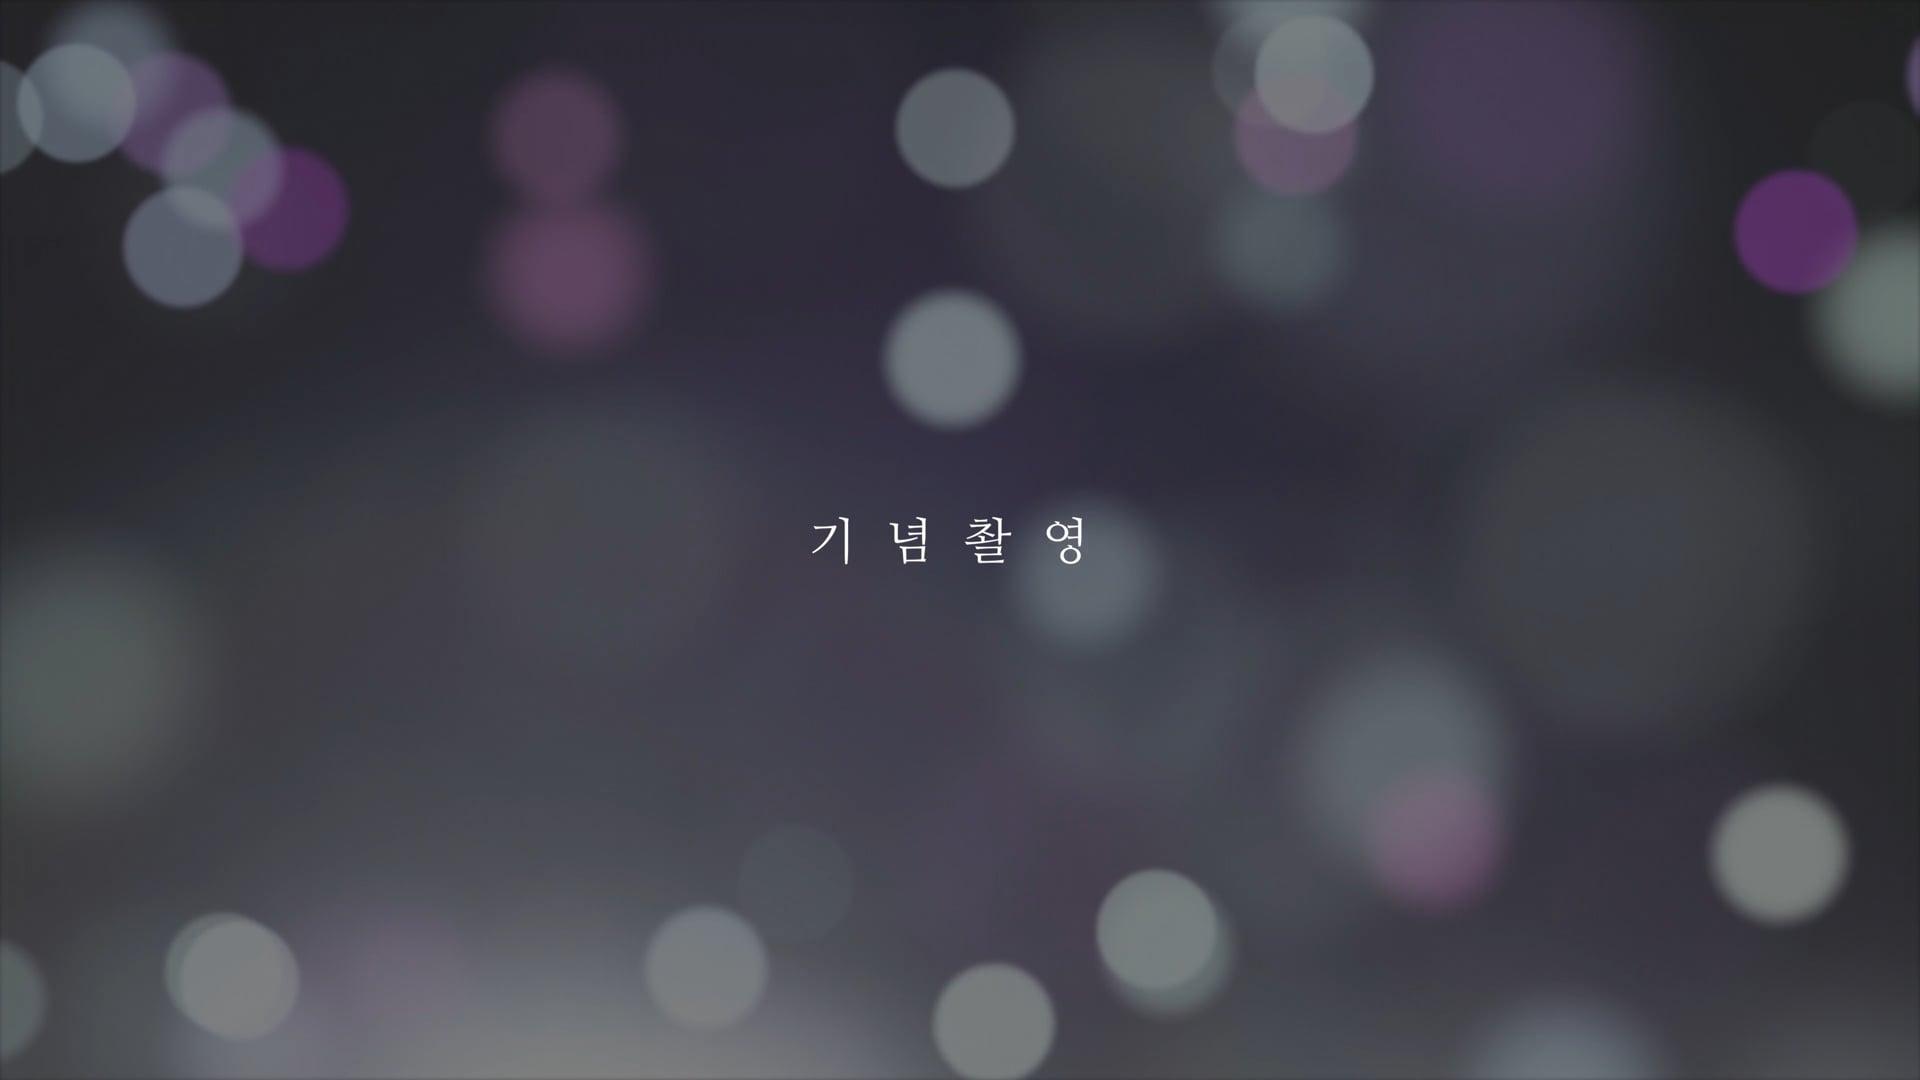 웨딩미 4K 1인2카메라 인천아시아드 4번 기념촬영 챕터